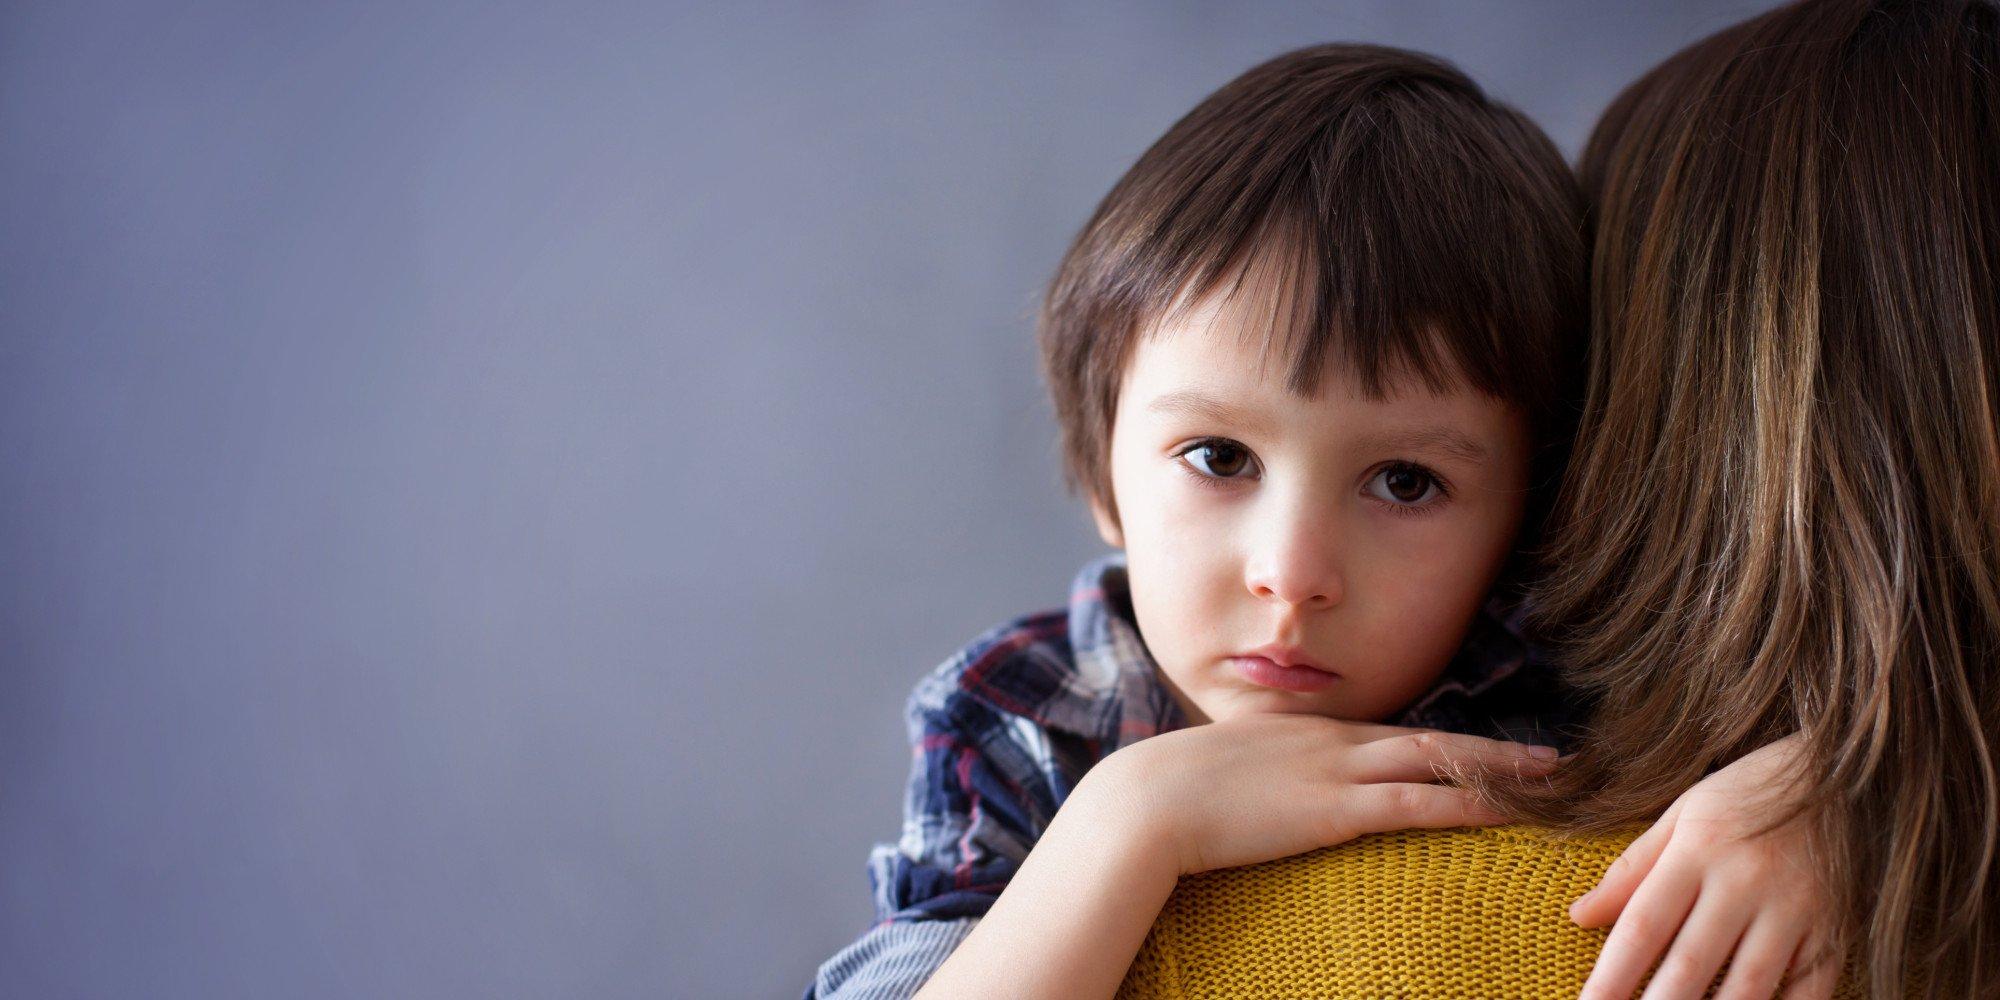 2.Сэтгэл санаа хямрах үед ойлголцол, энэрэл халамж үзүүлэх